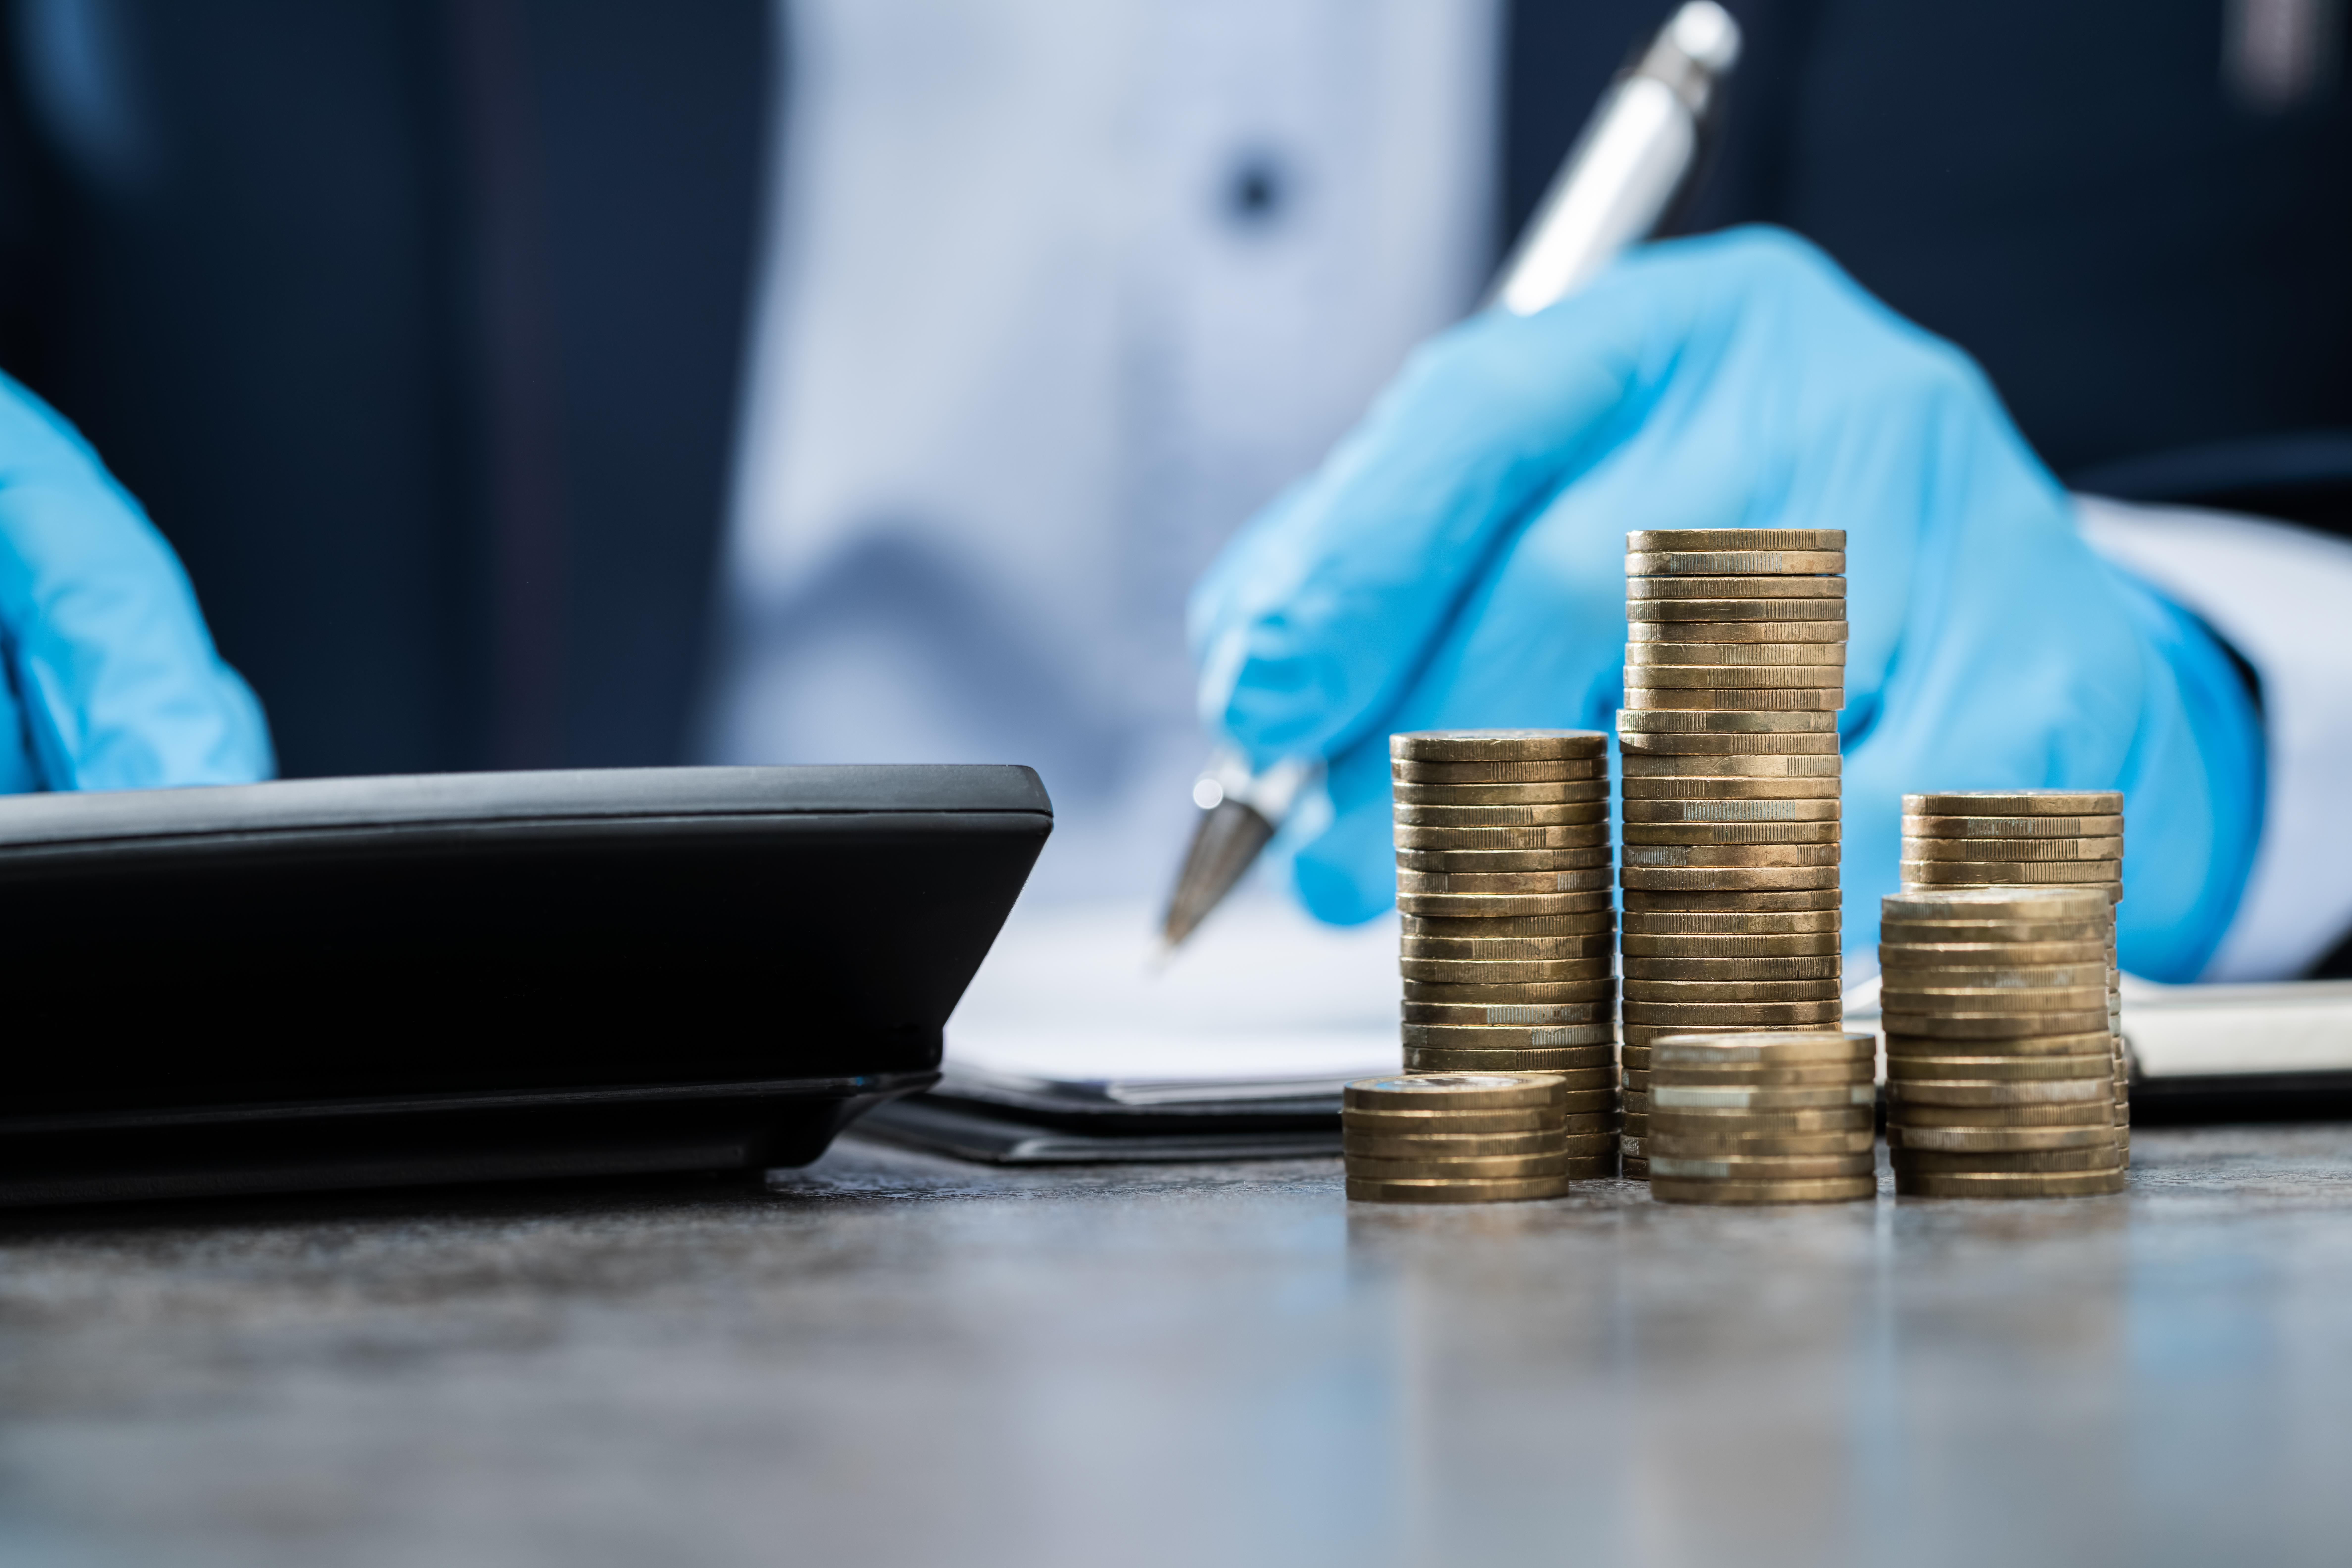 Le precisazioni delle Entrate sul credito d'imposta per botteghe e negozi